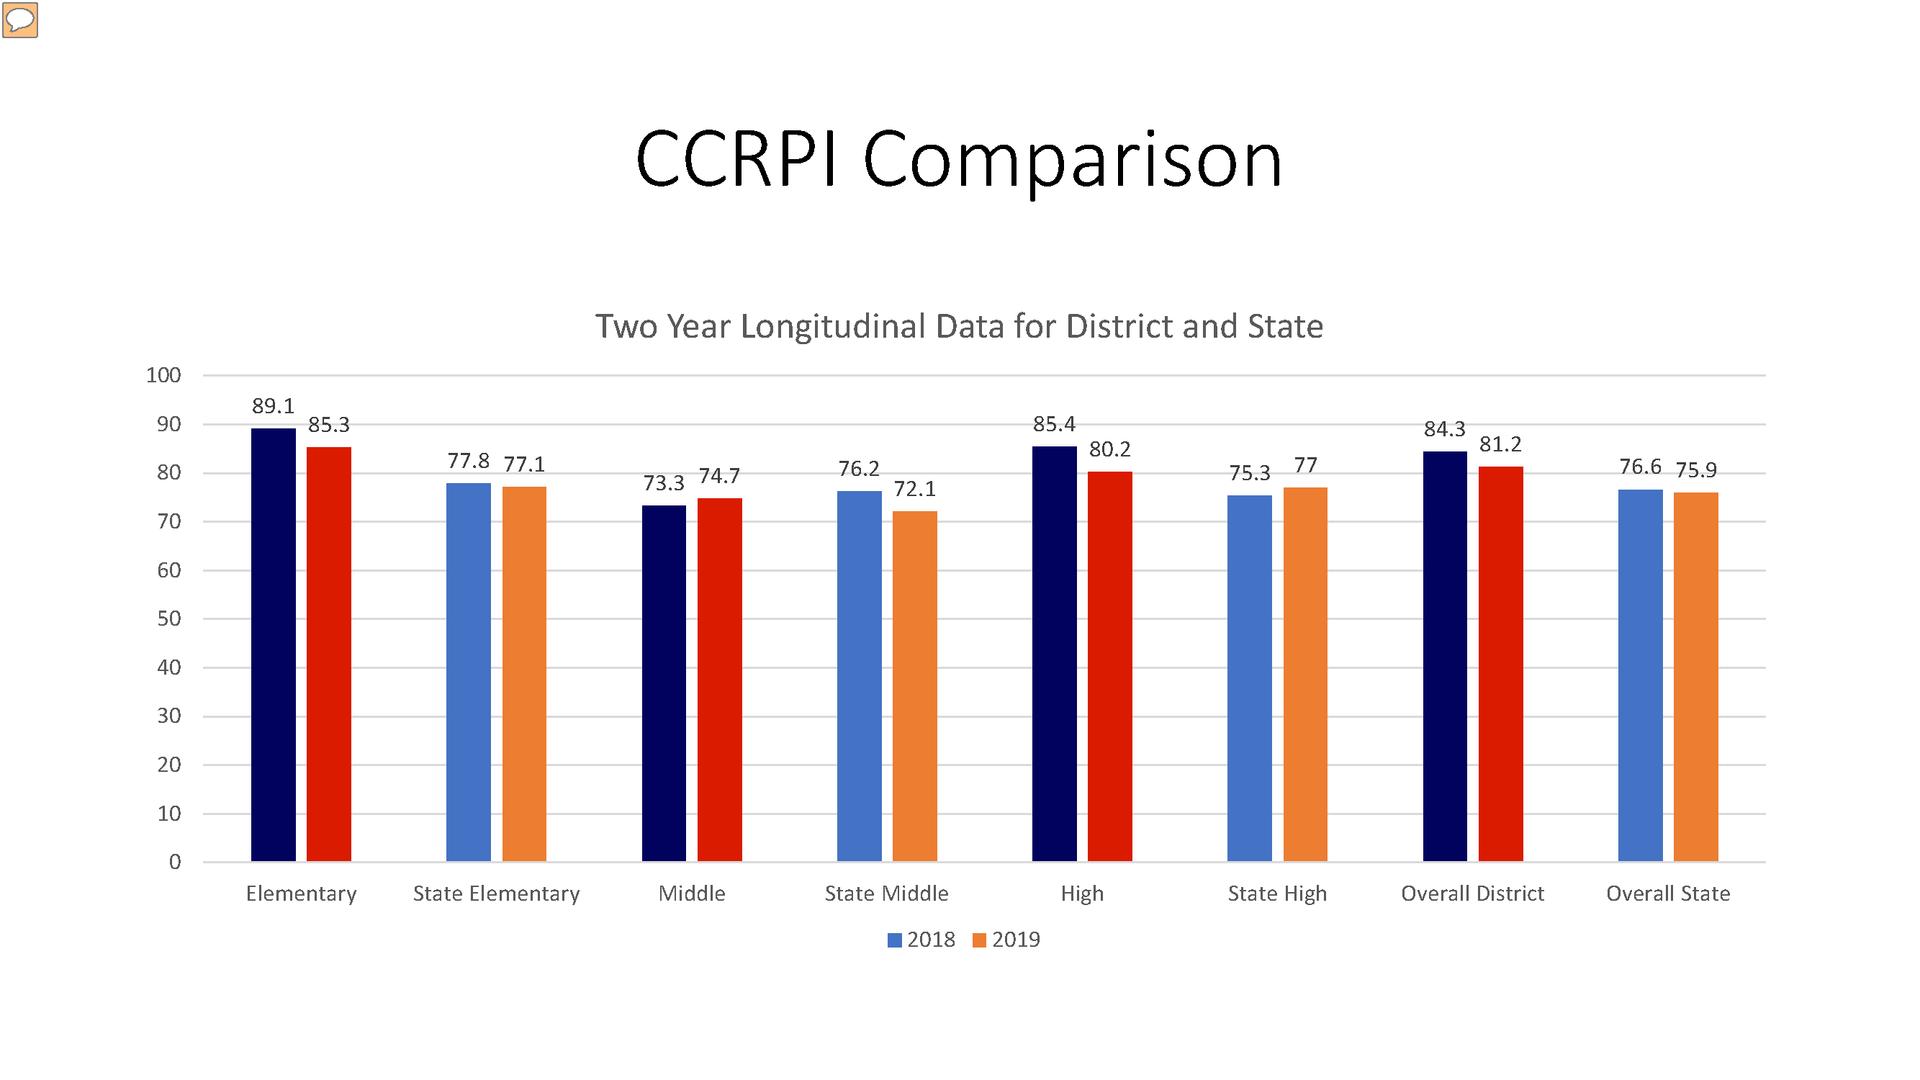 CCRPI Comparison chart